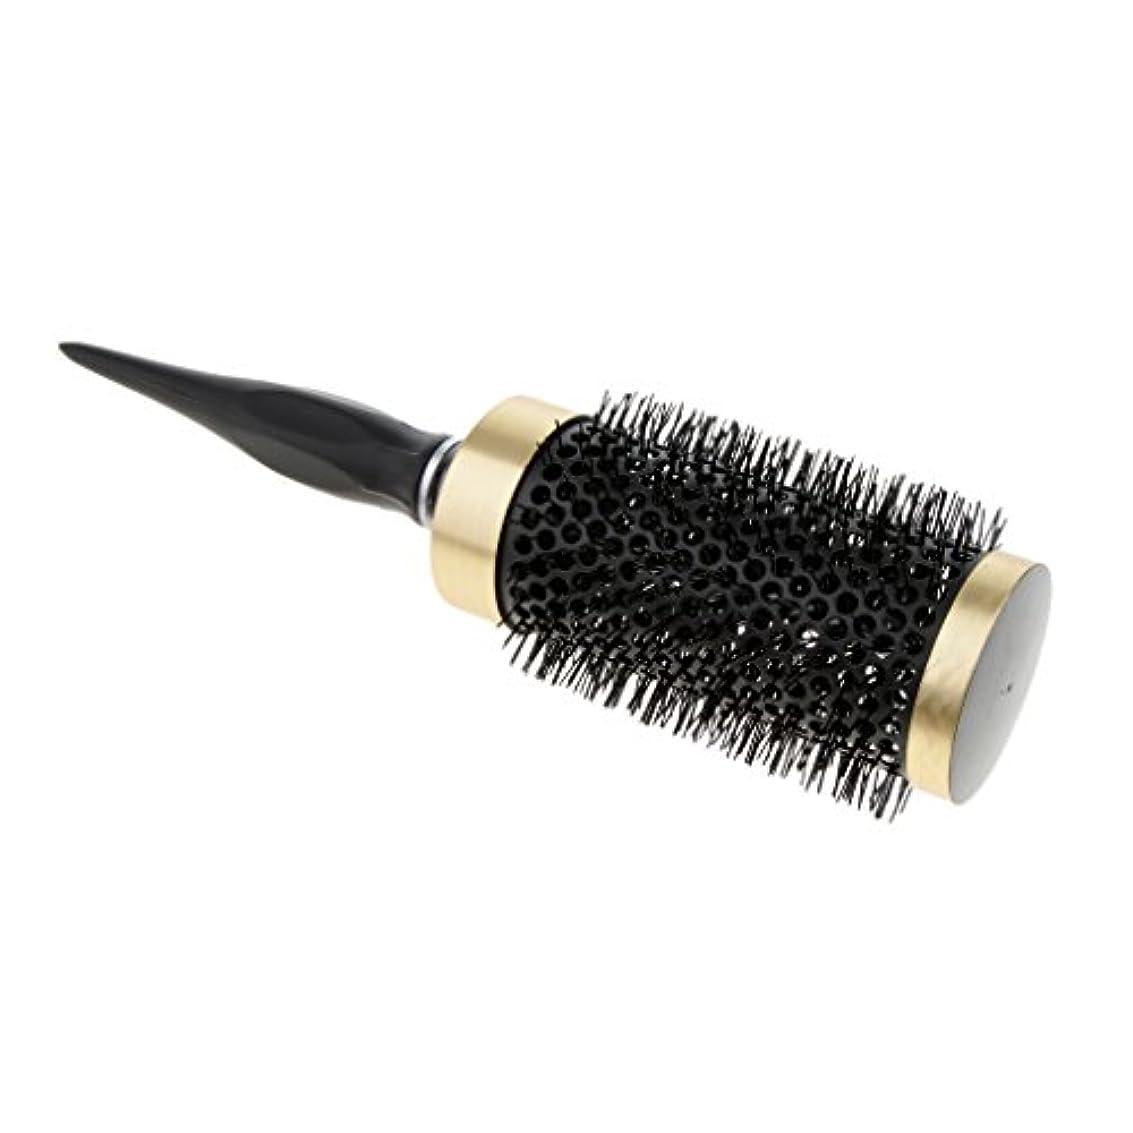 マイナー人柄多数のロールブラシ ヘアブラシ ナイロンブラシ 静電気防止 カーリング 巻き髪ヘア 全5サイズ - 52mm